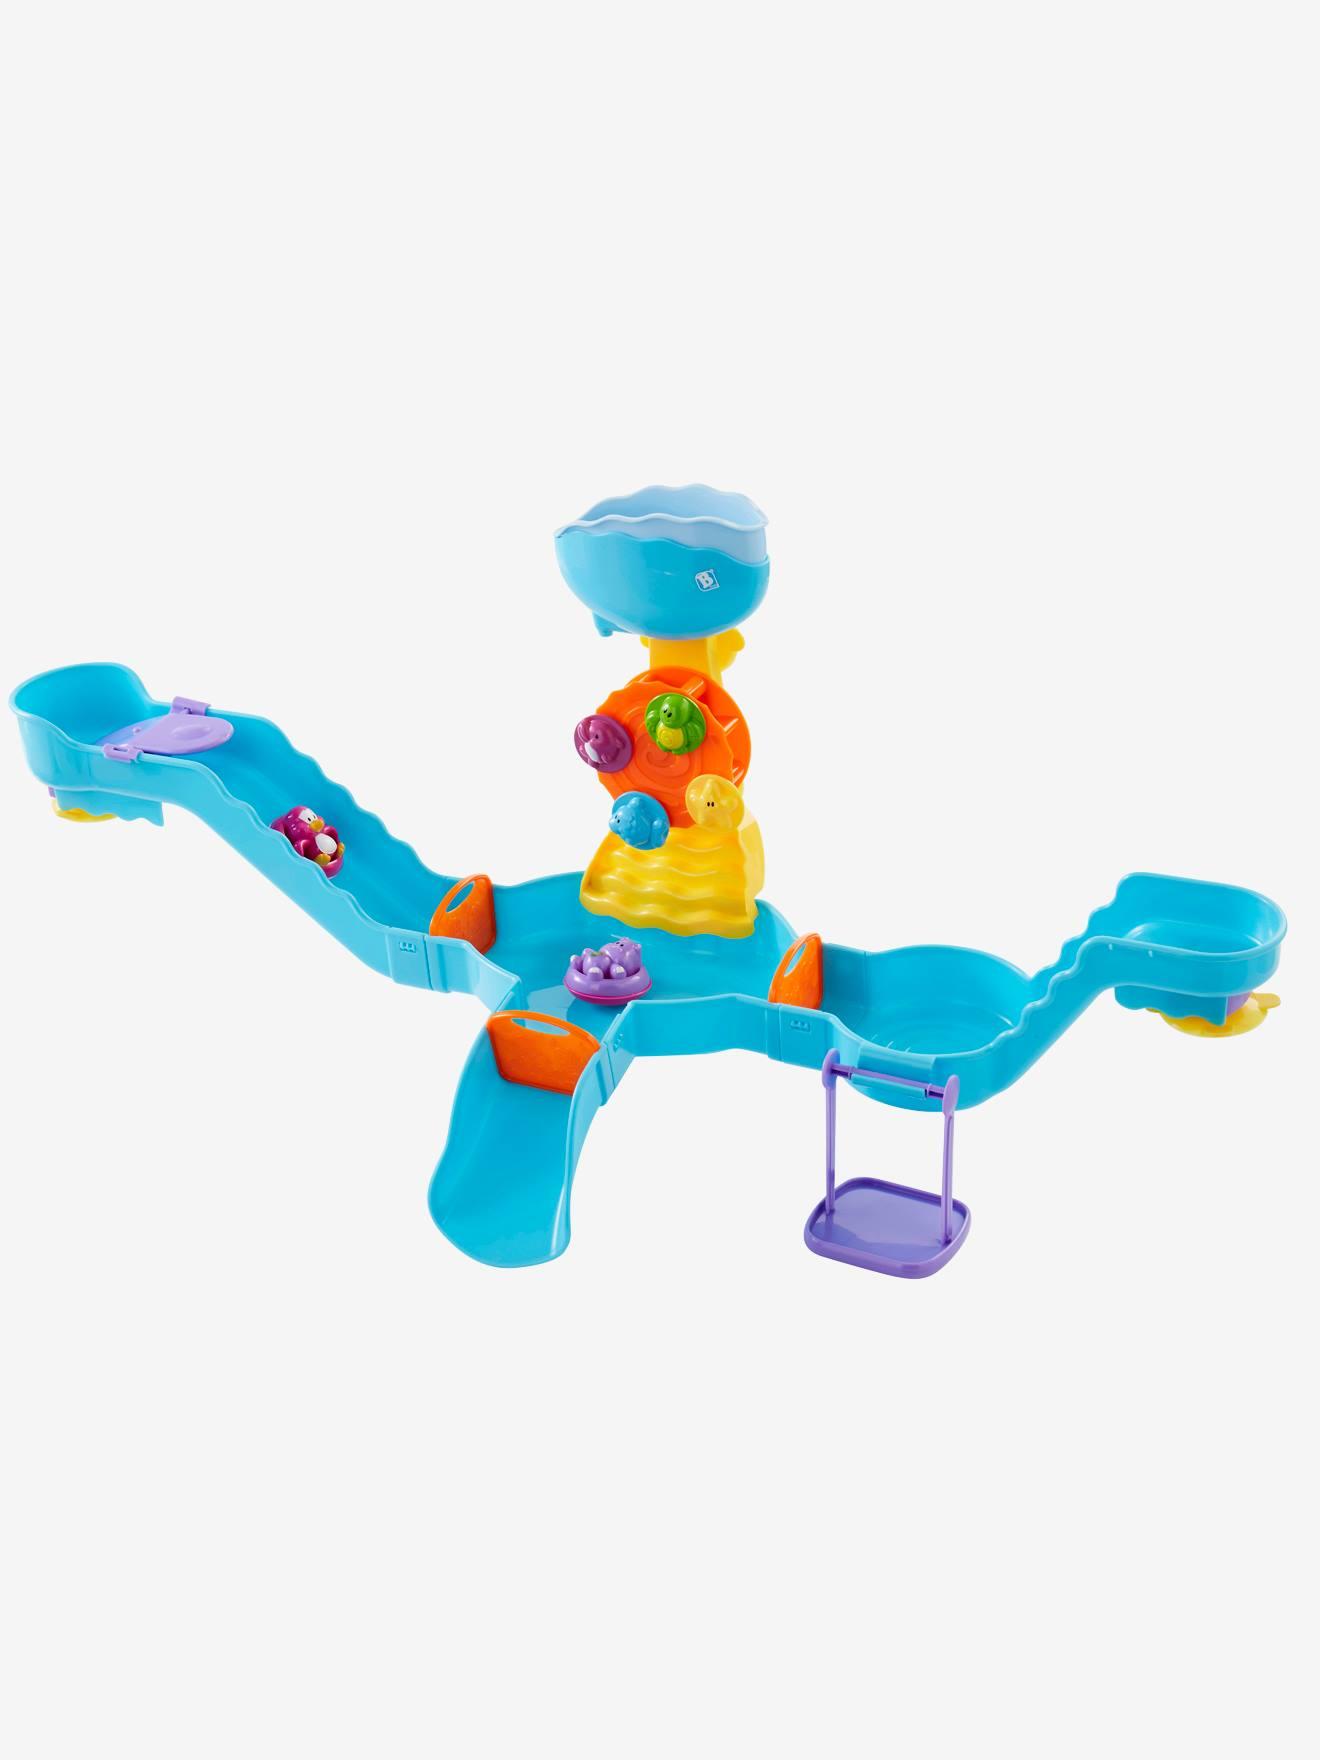 VERTBAUDET Badewannen-Spielzeug blau